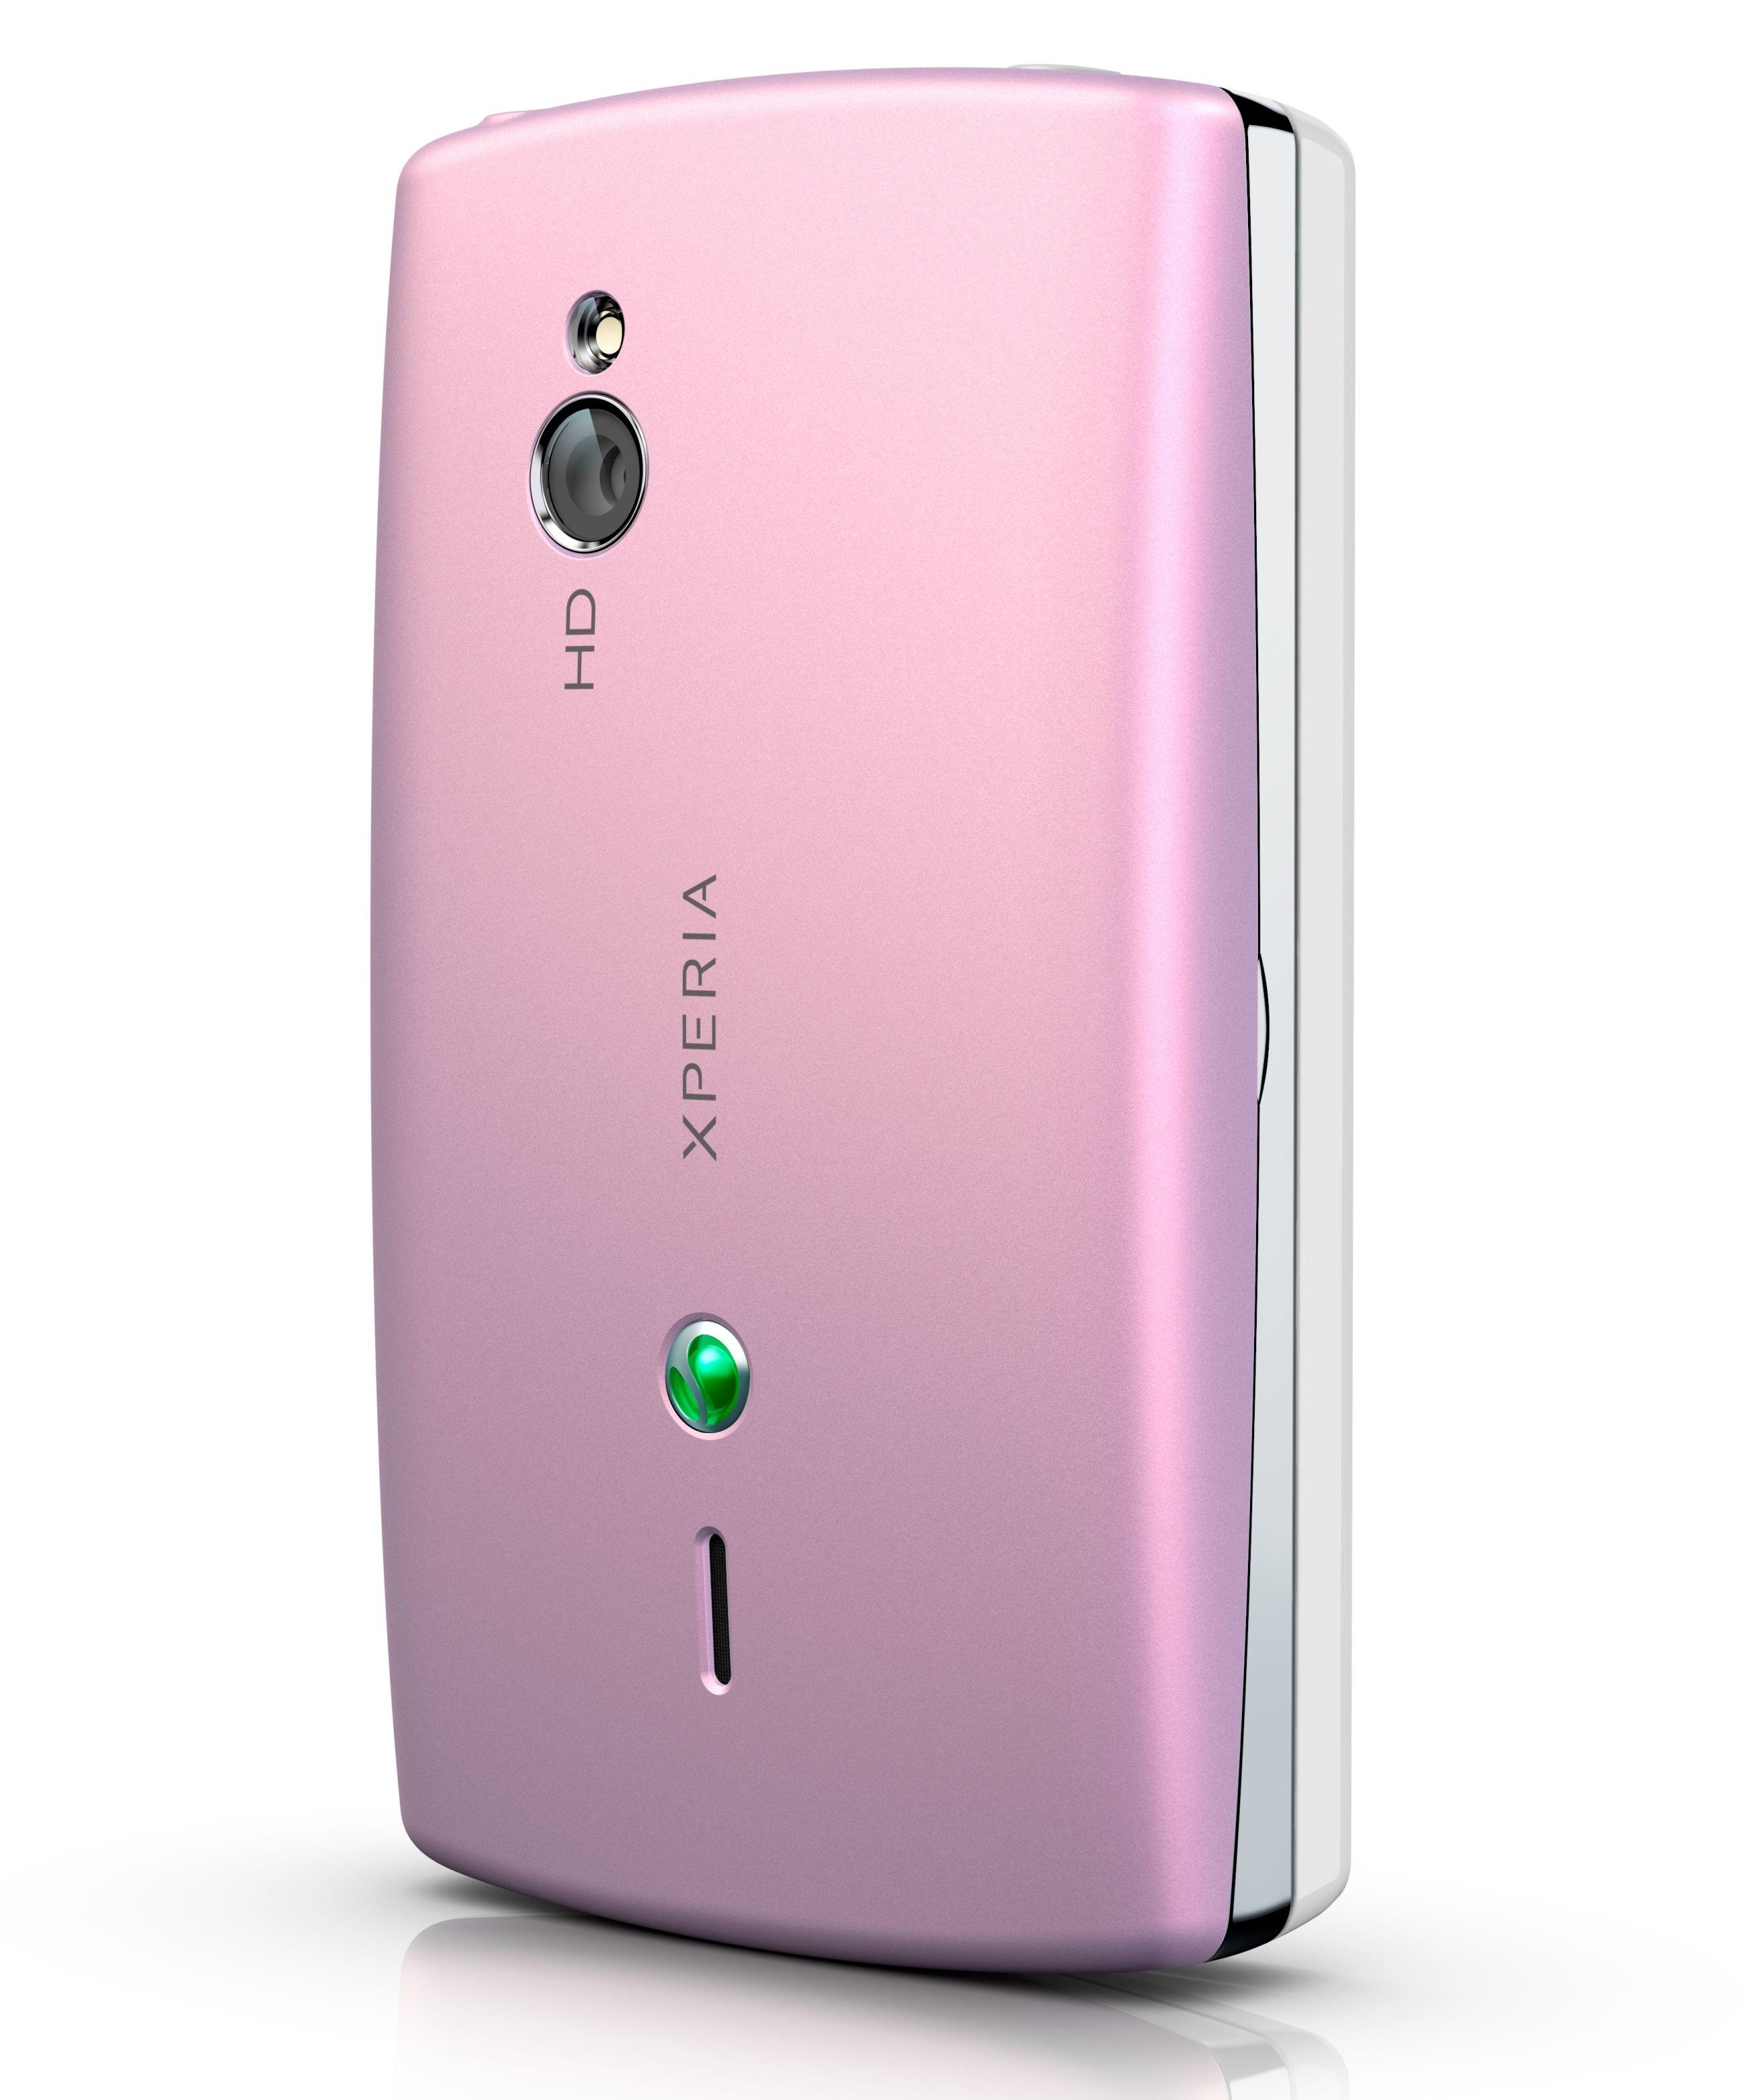 Du kan få Xperia mini pro med rosa bakdeksel. Heldigvis finnes den også med svart og hvitt bakdeksel.